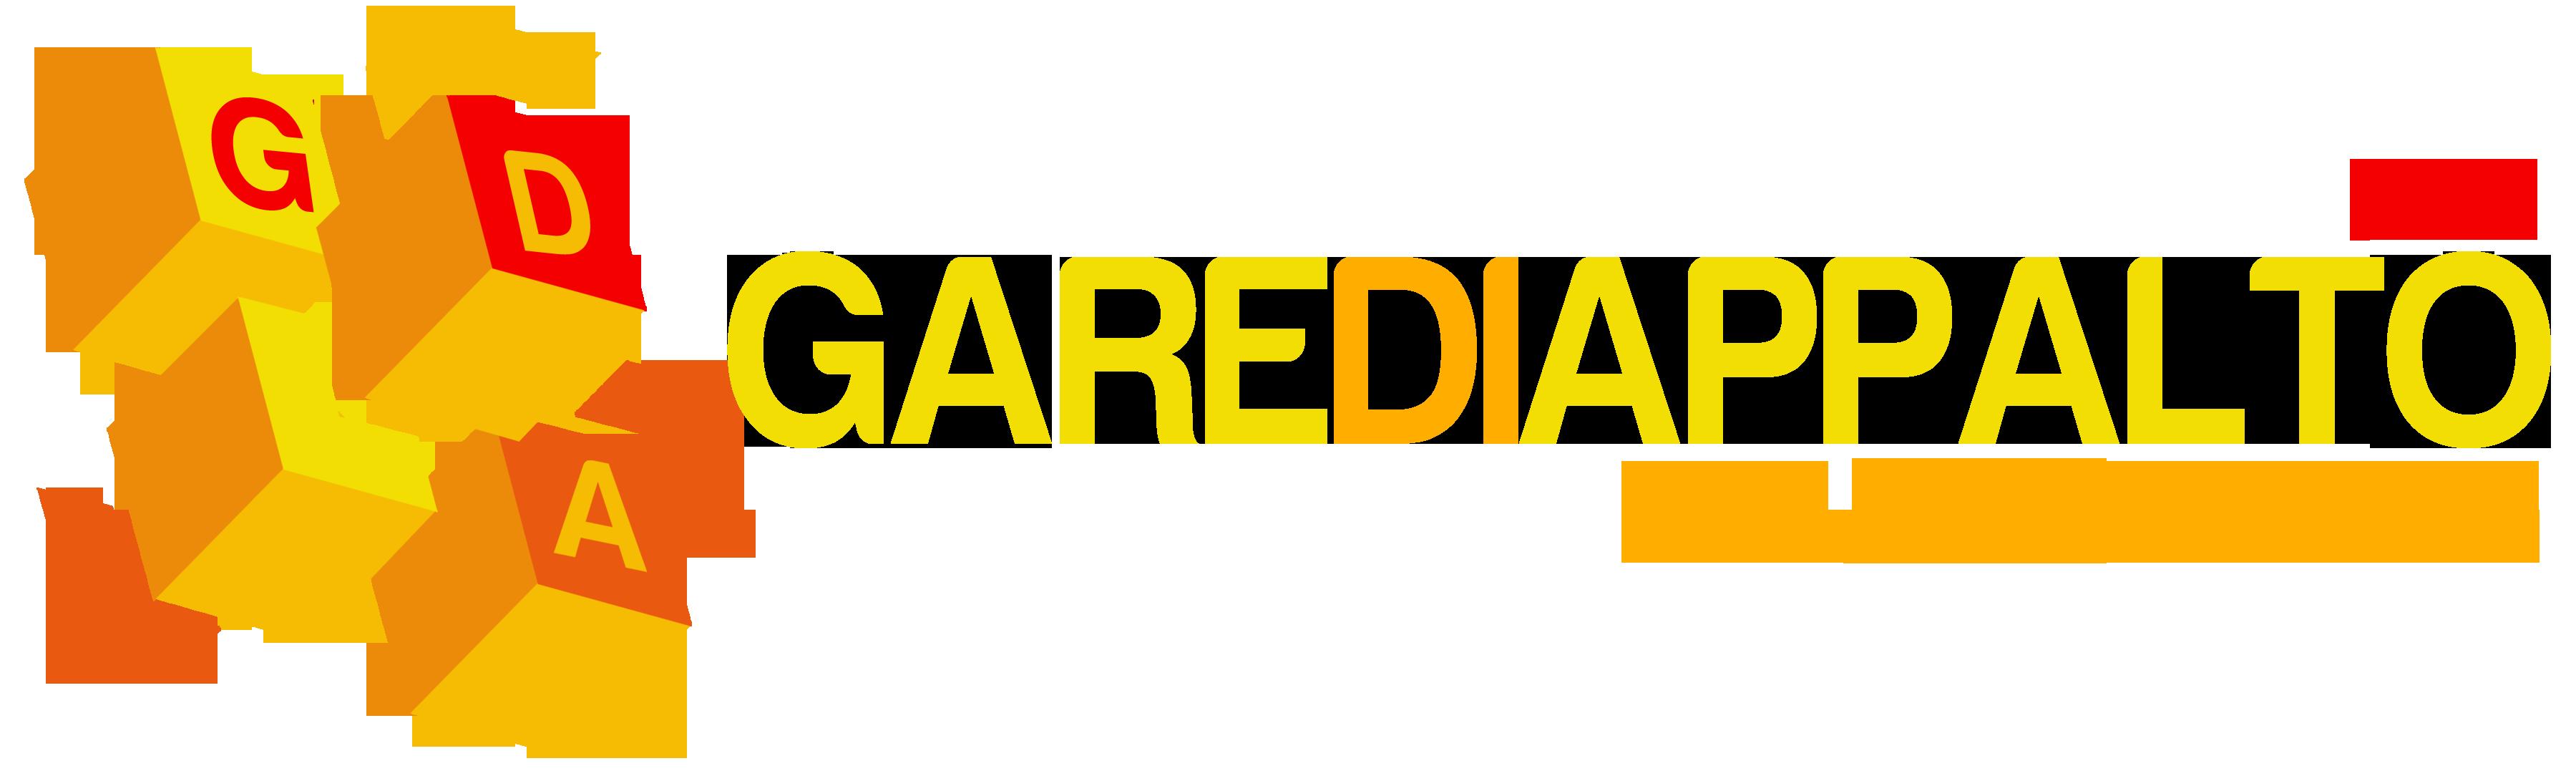 Gare di appalto Lombardia